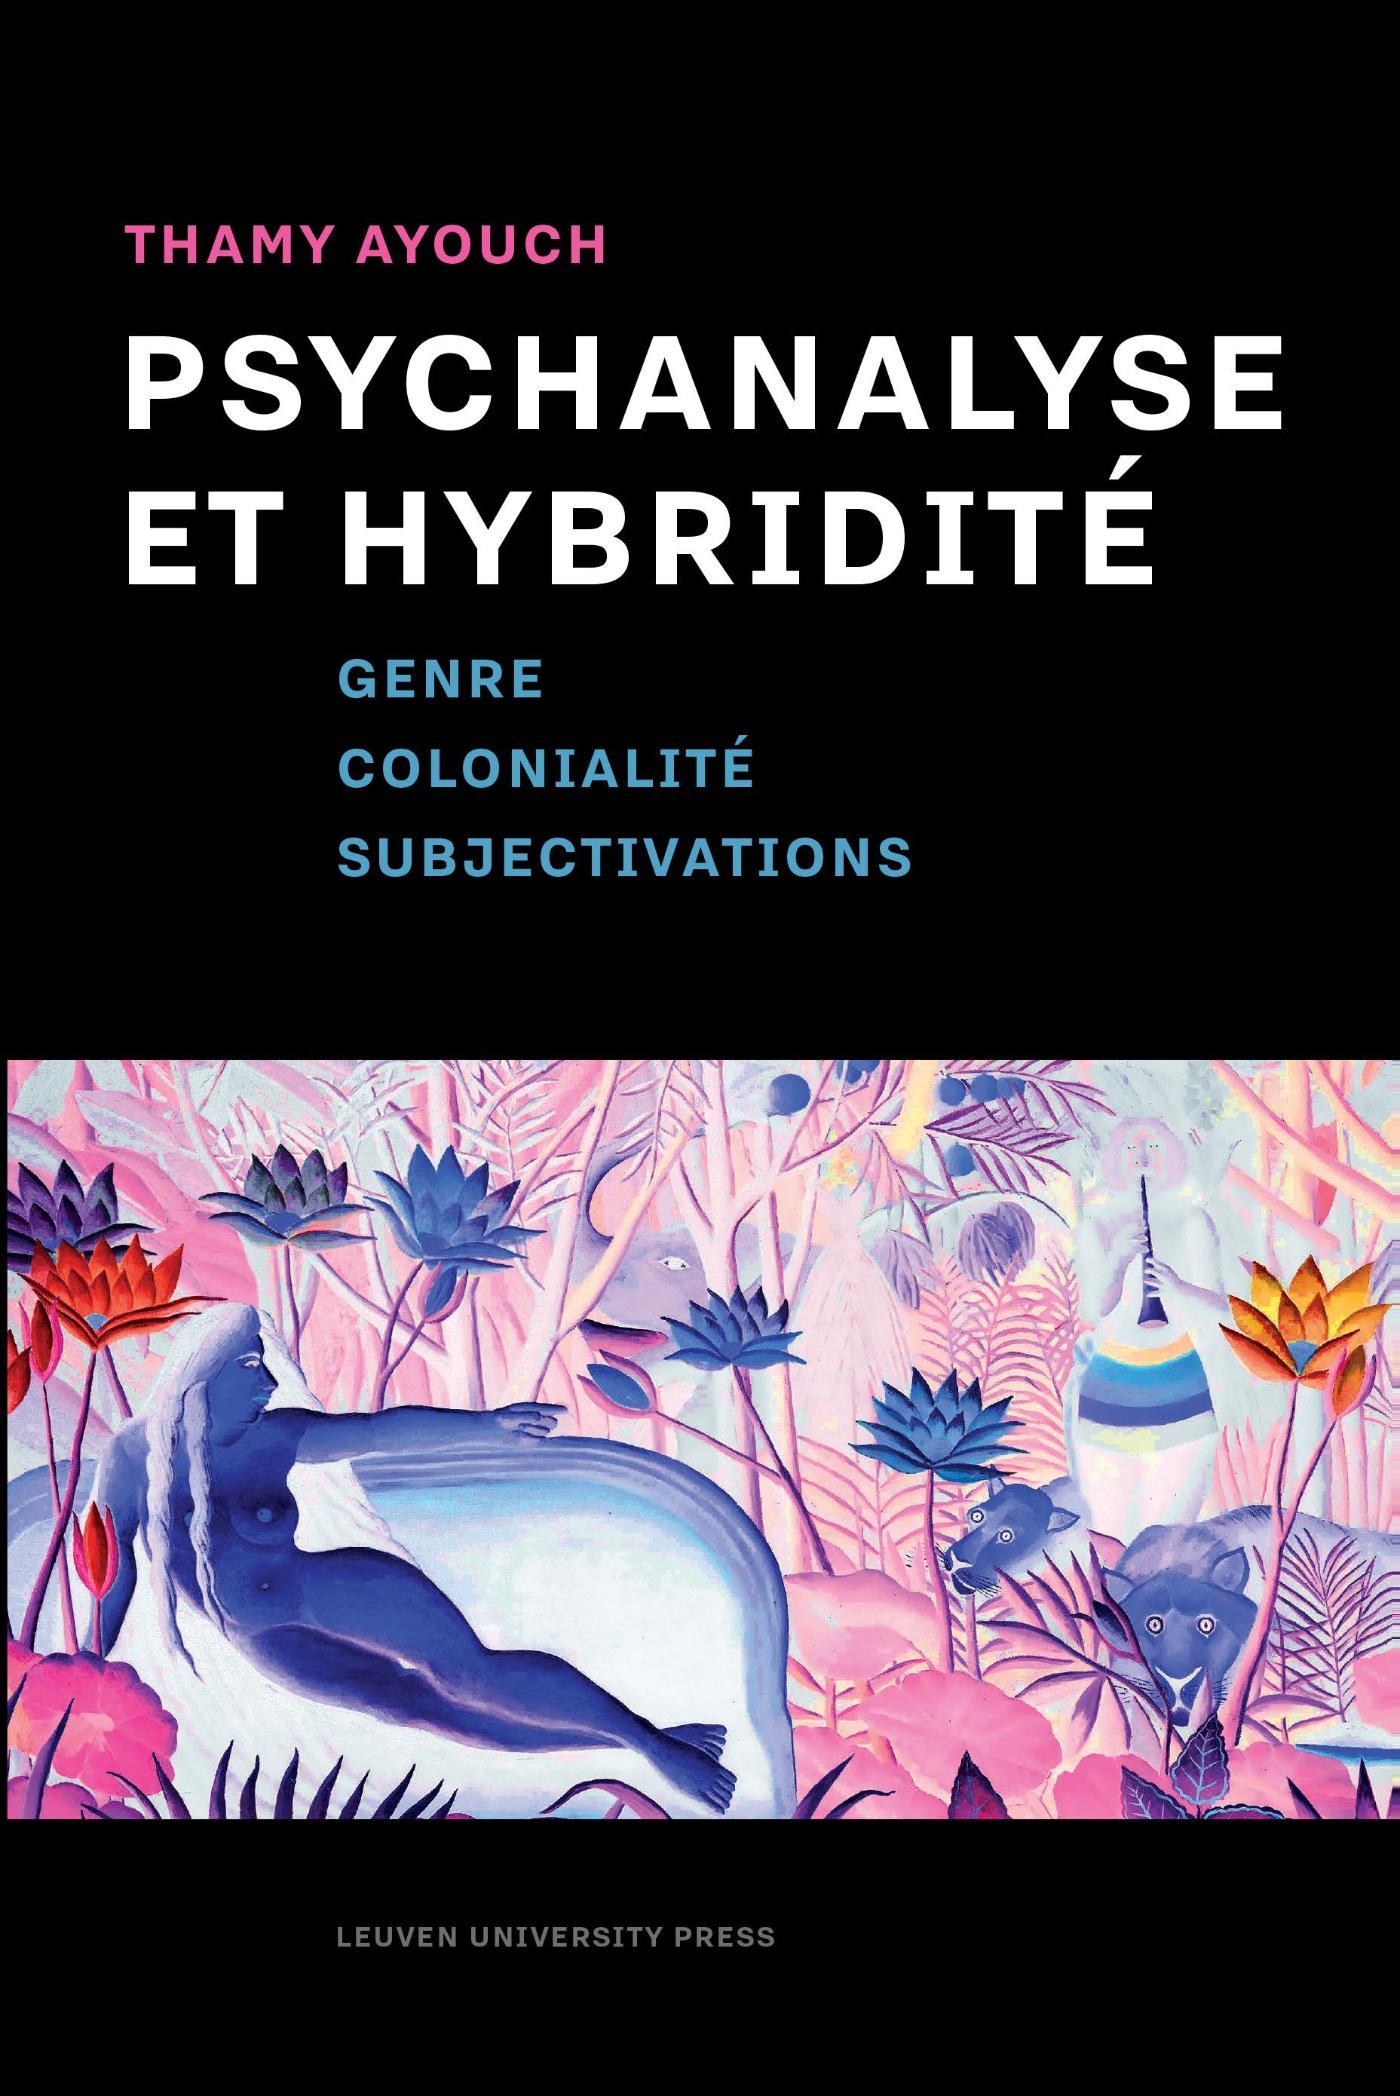 Psychanalyse et hybridit�